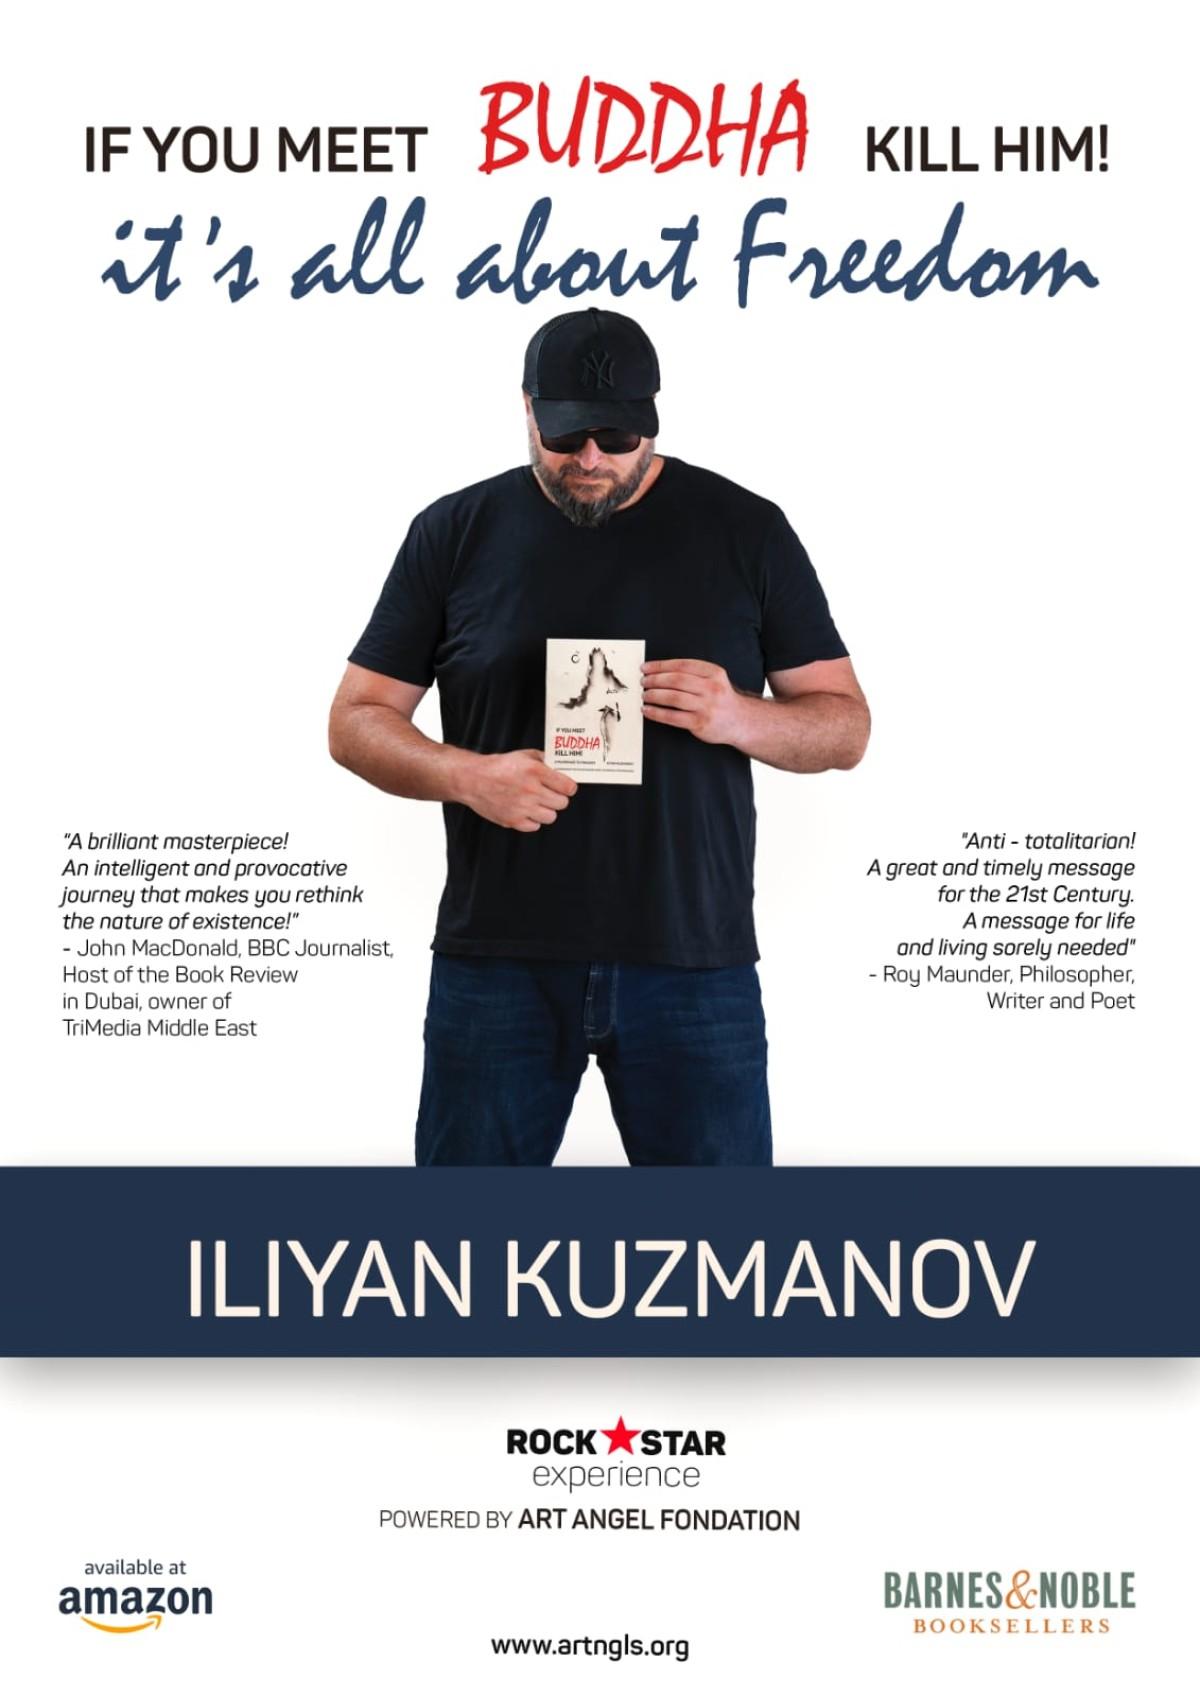 Yazar Iliyan Kuzmanov'ın yeni kitabı raflarda: If...